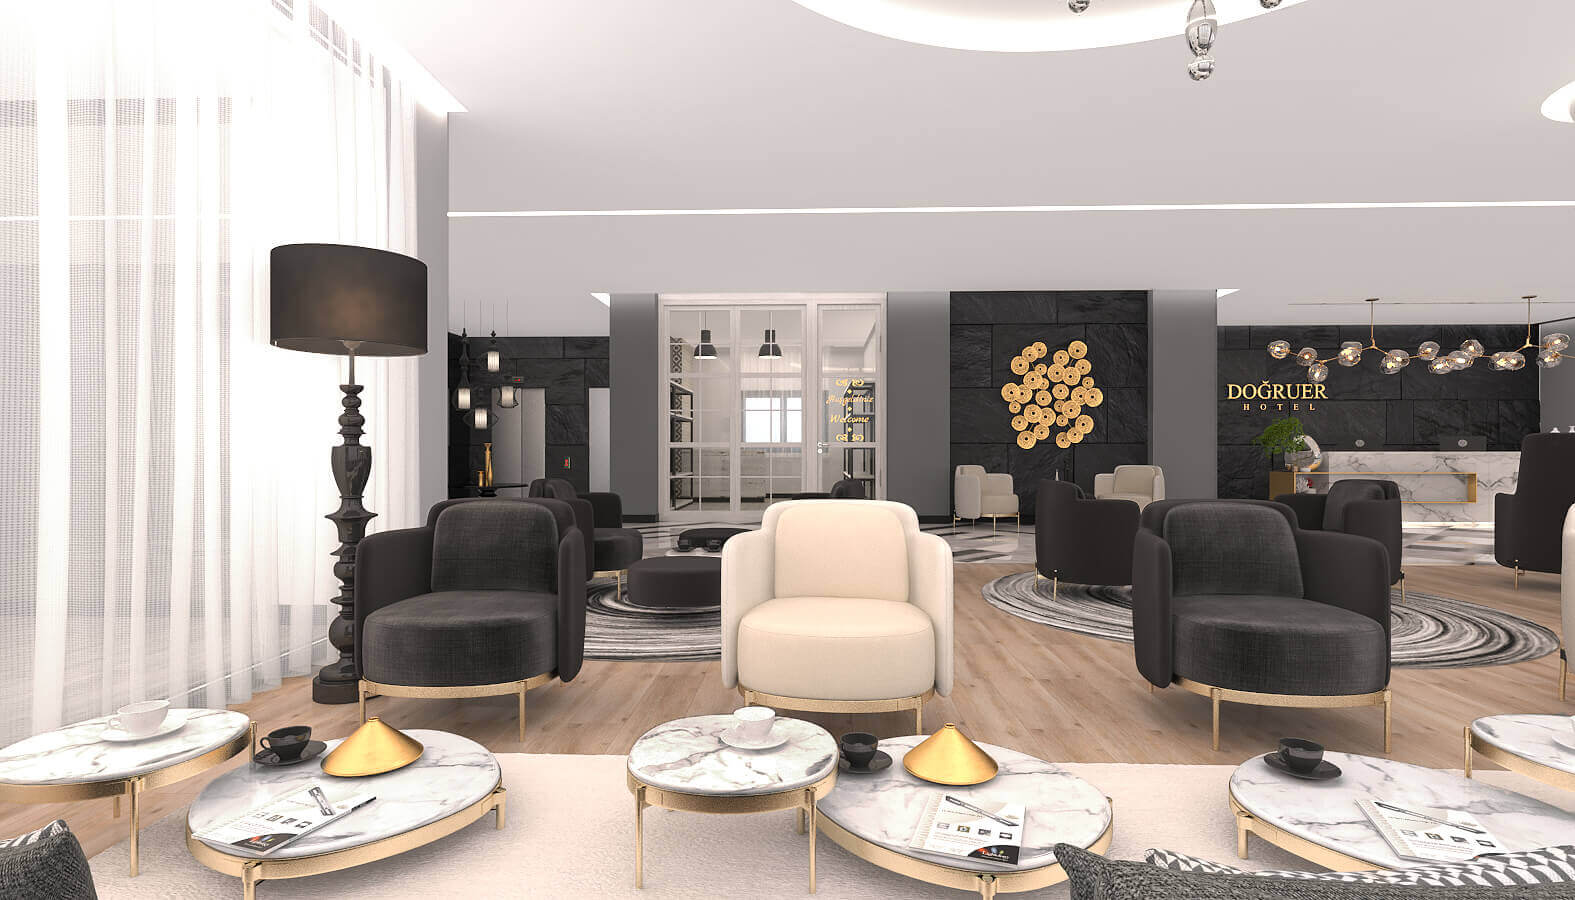 otel odası tasarımı 3579 Doğruer hotel Oteller